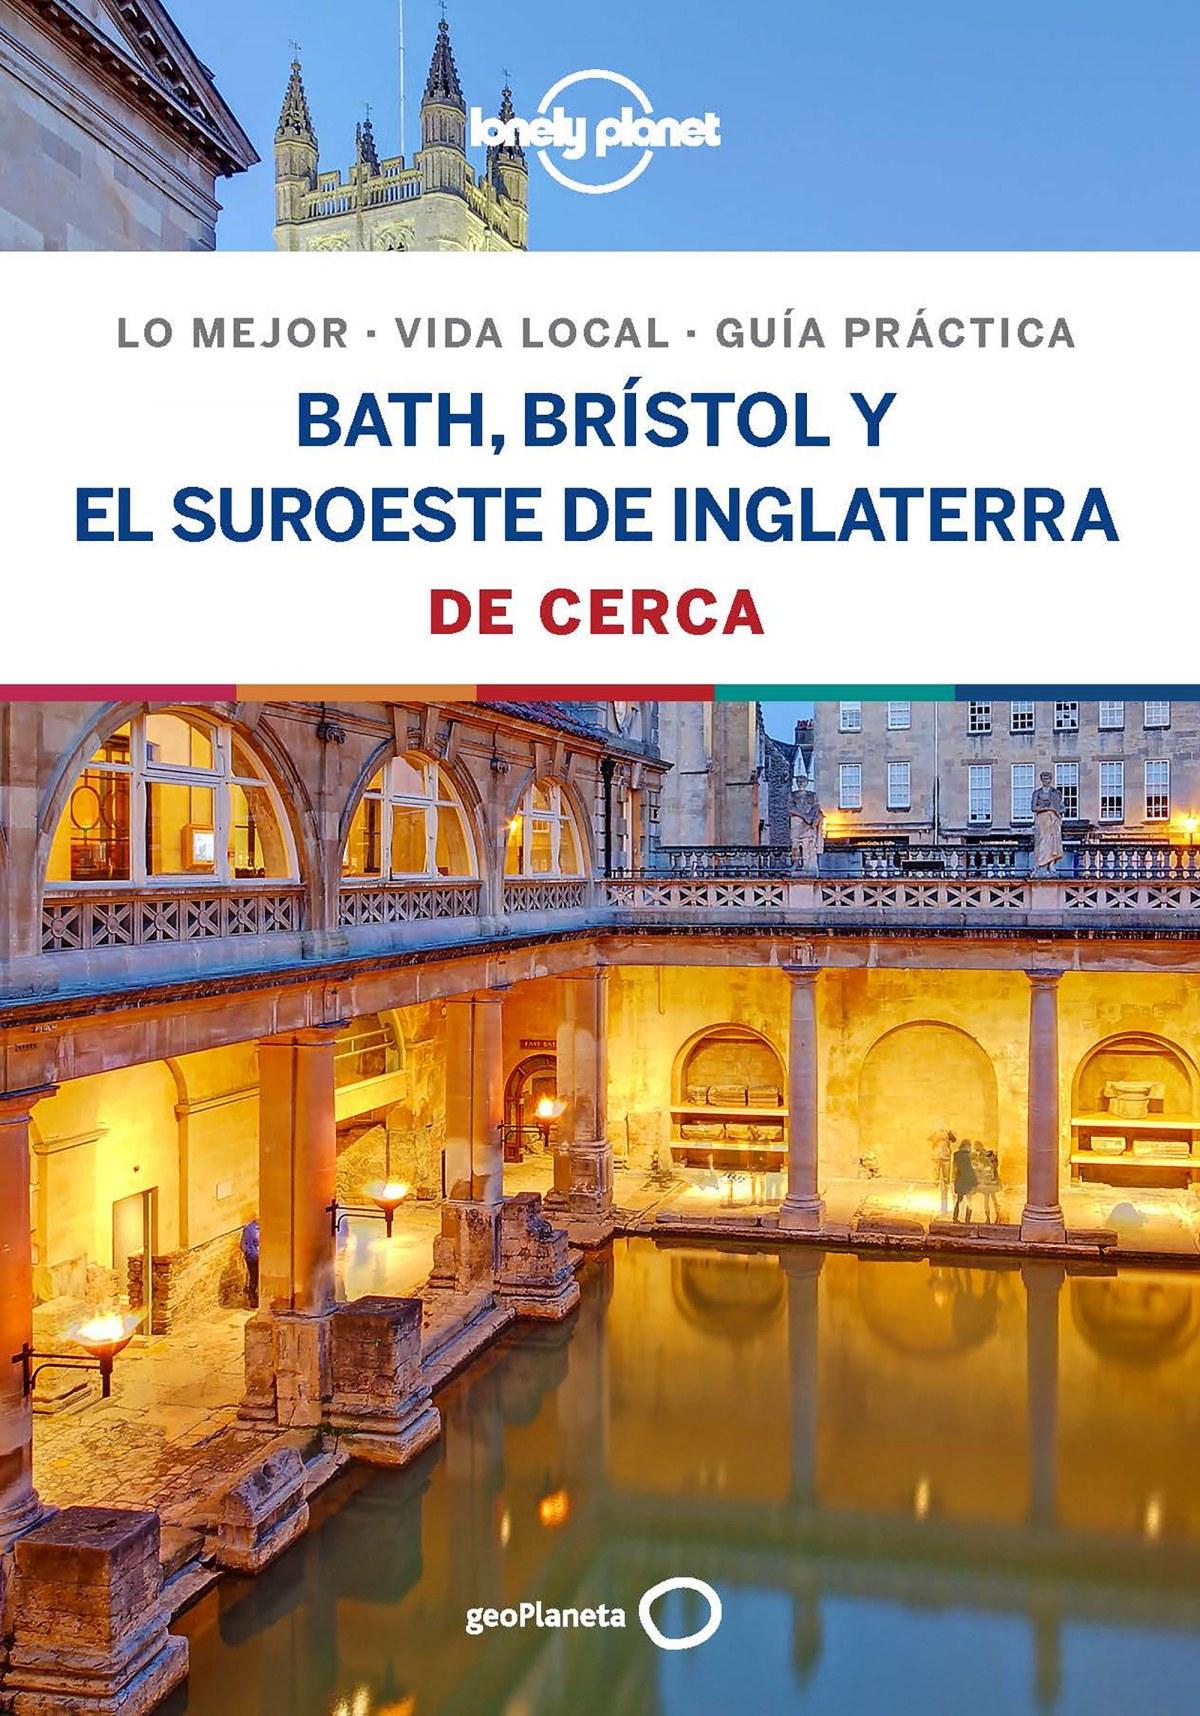 BATH, BRISTOL Y SUROESTE INGLETERRA